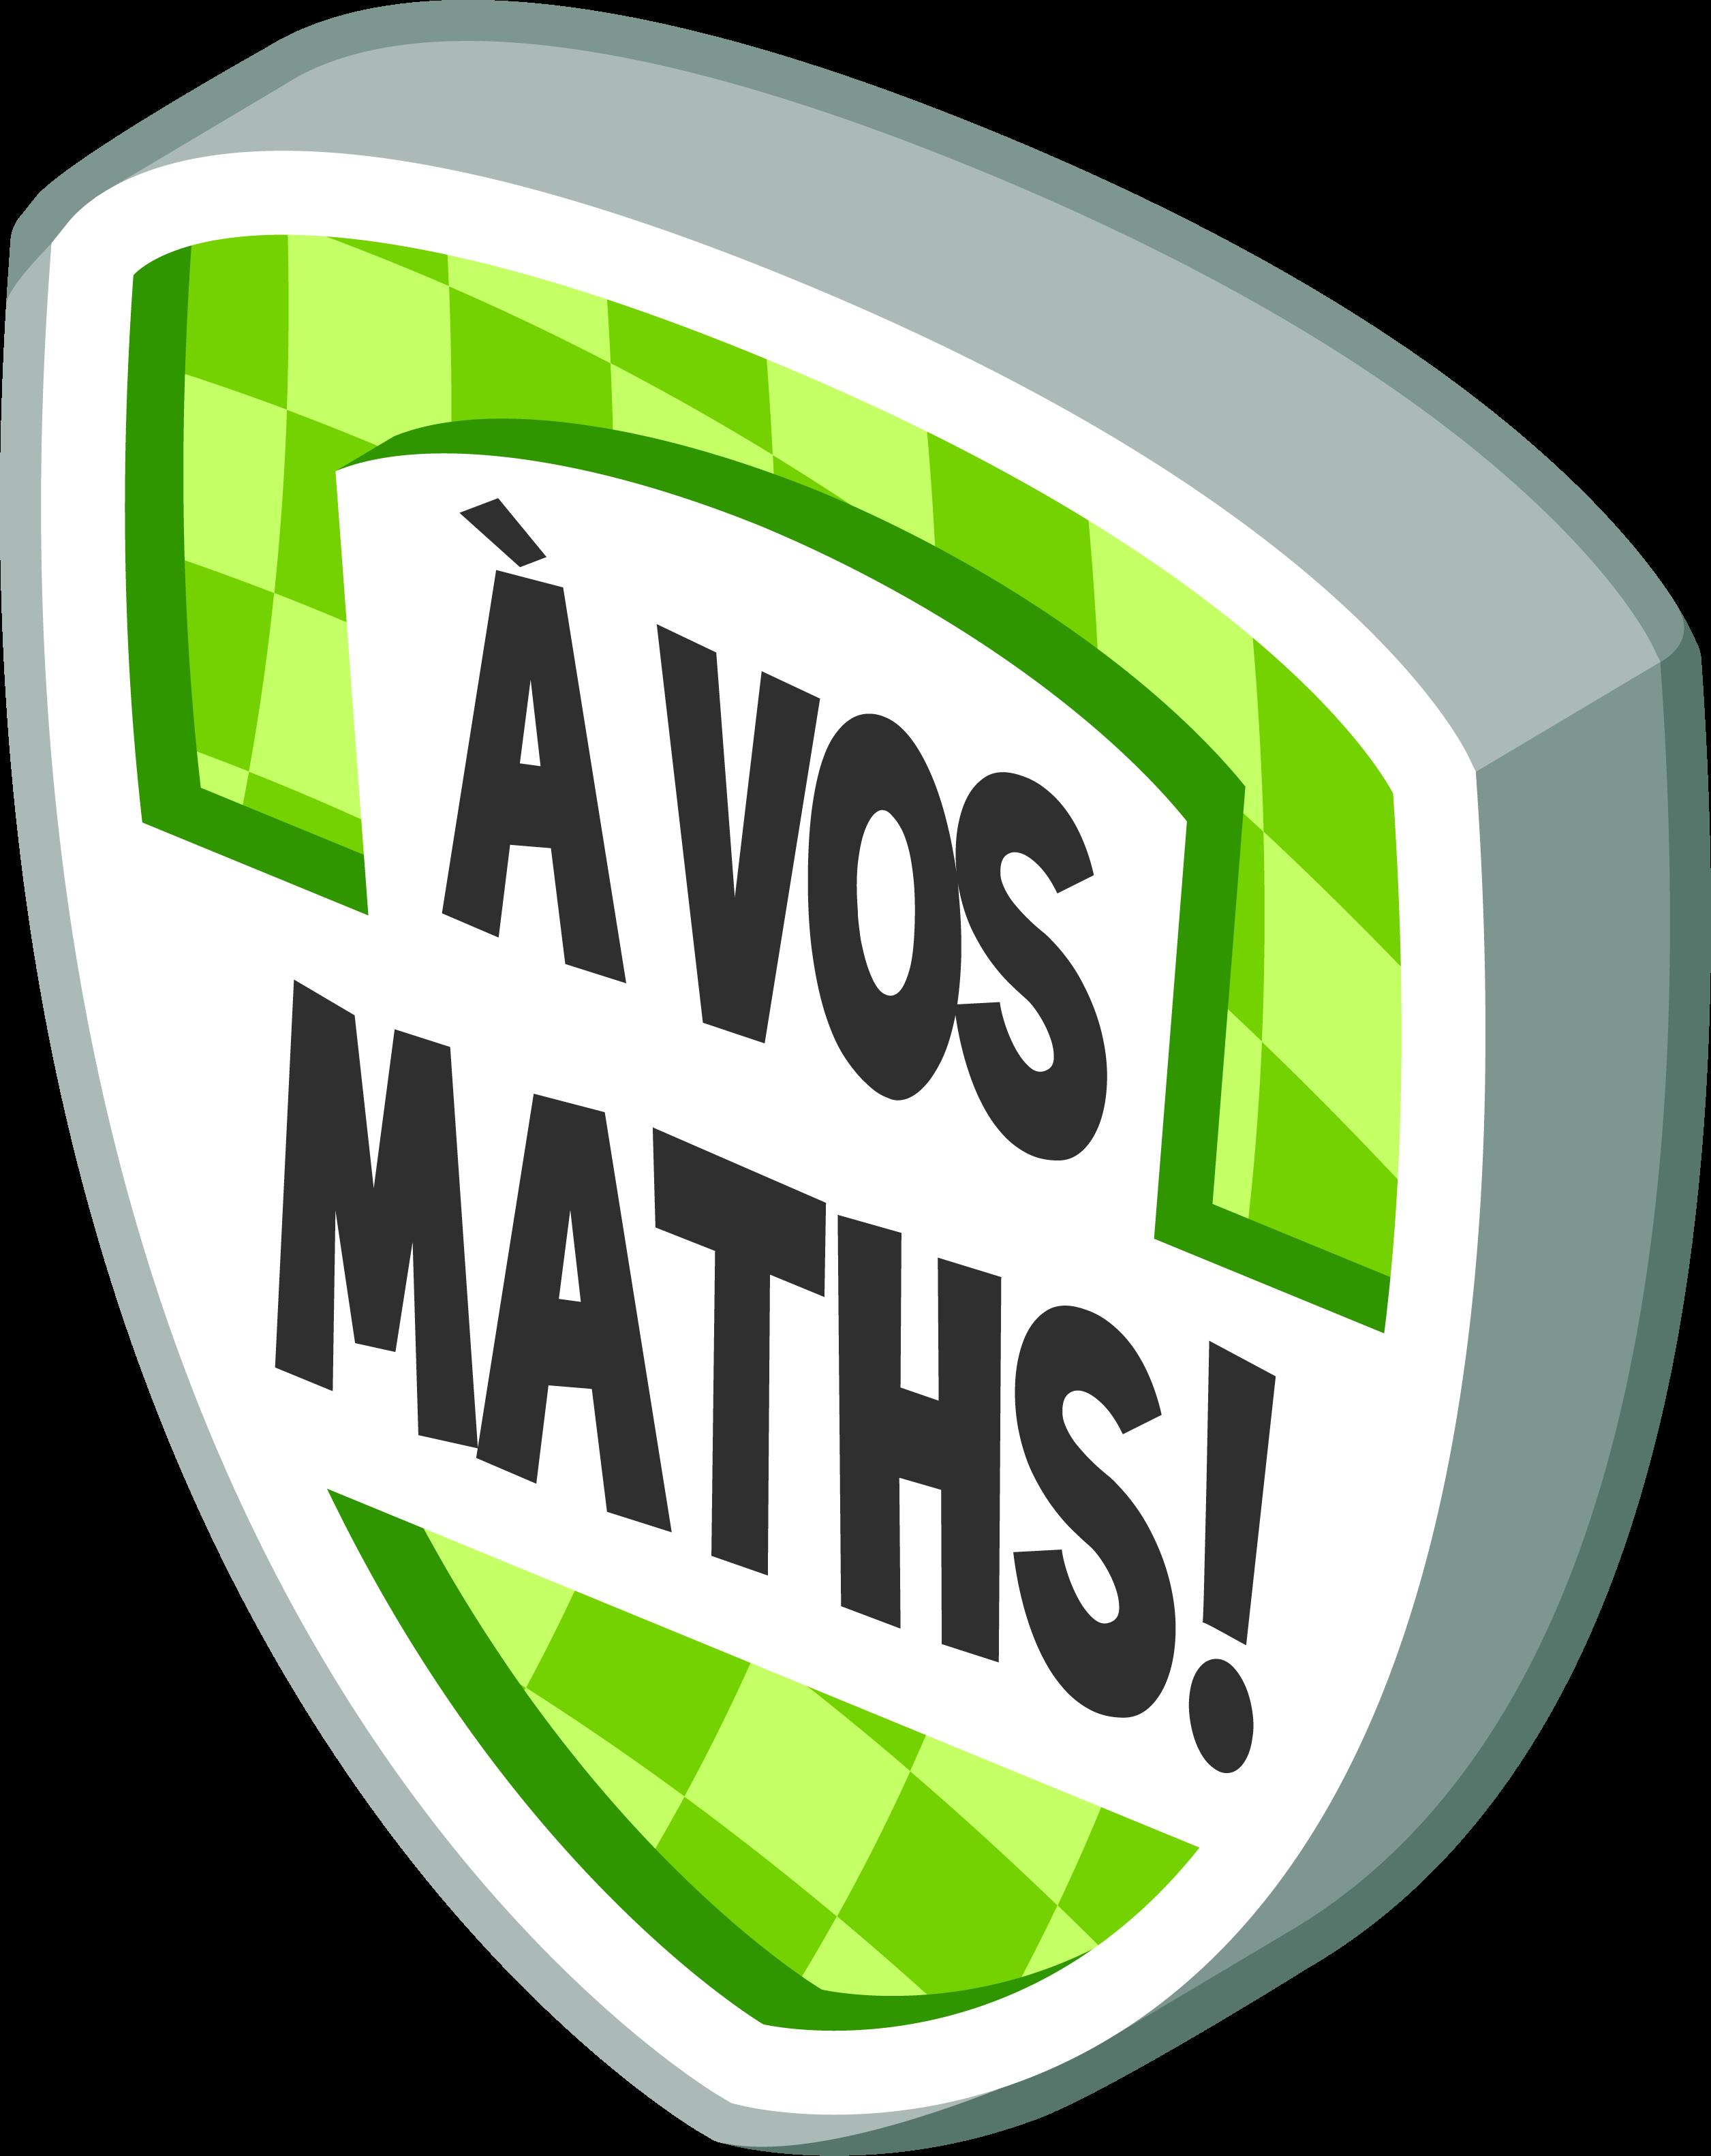 Logo_a_vos_maths_gauche